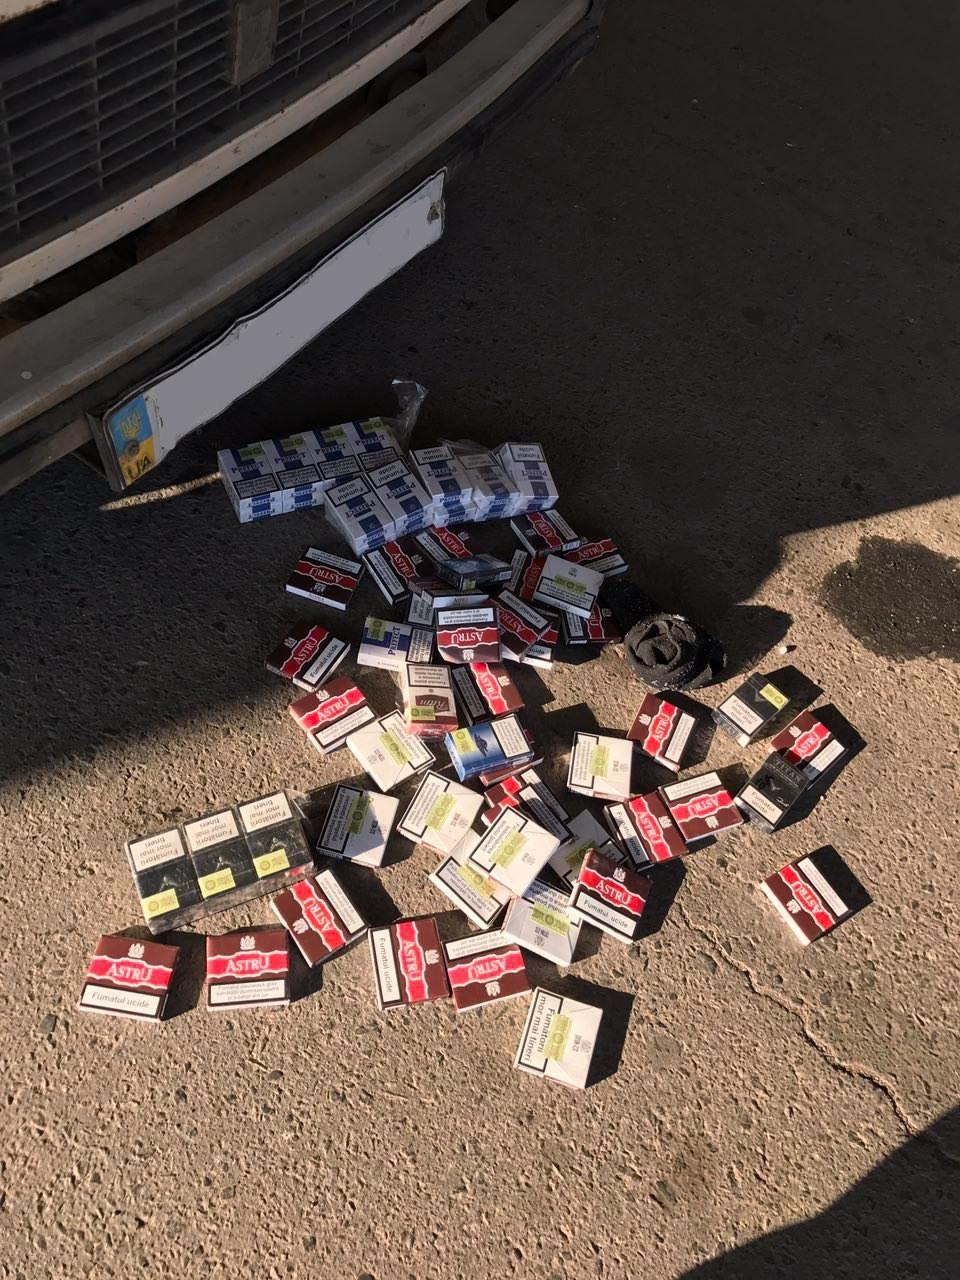 Не перехитрил: из-за 89 пачек контрабандных сигарет гражданин Молдовы оставил автомобиль